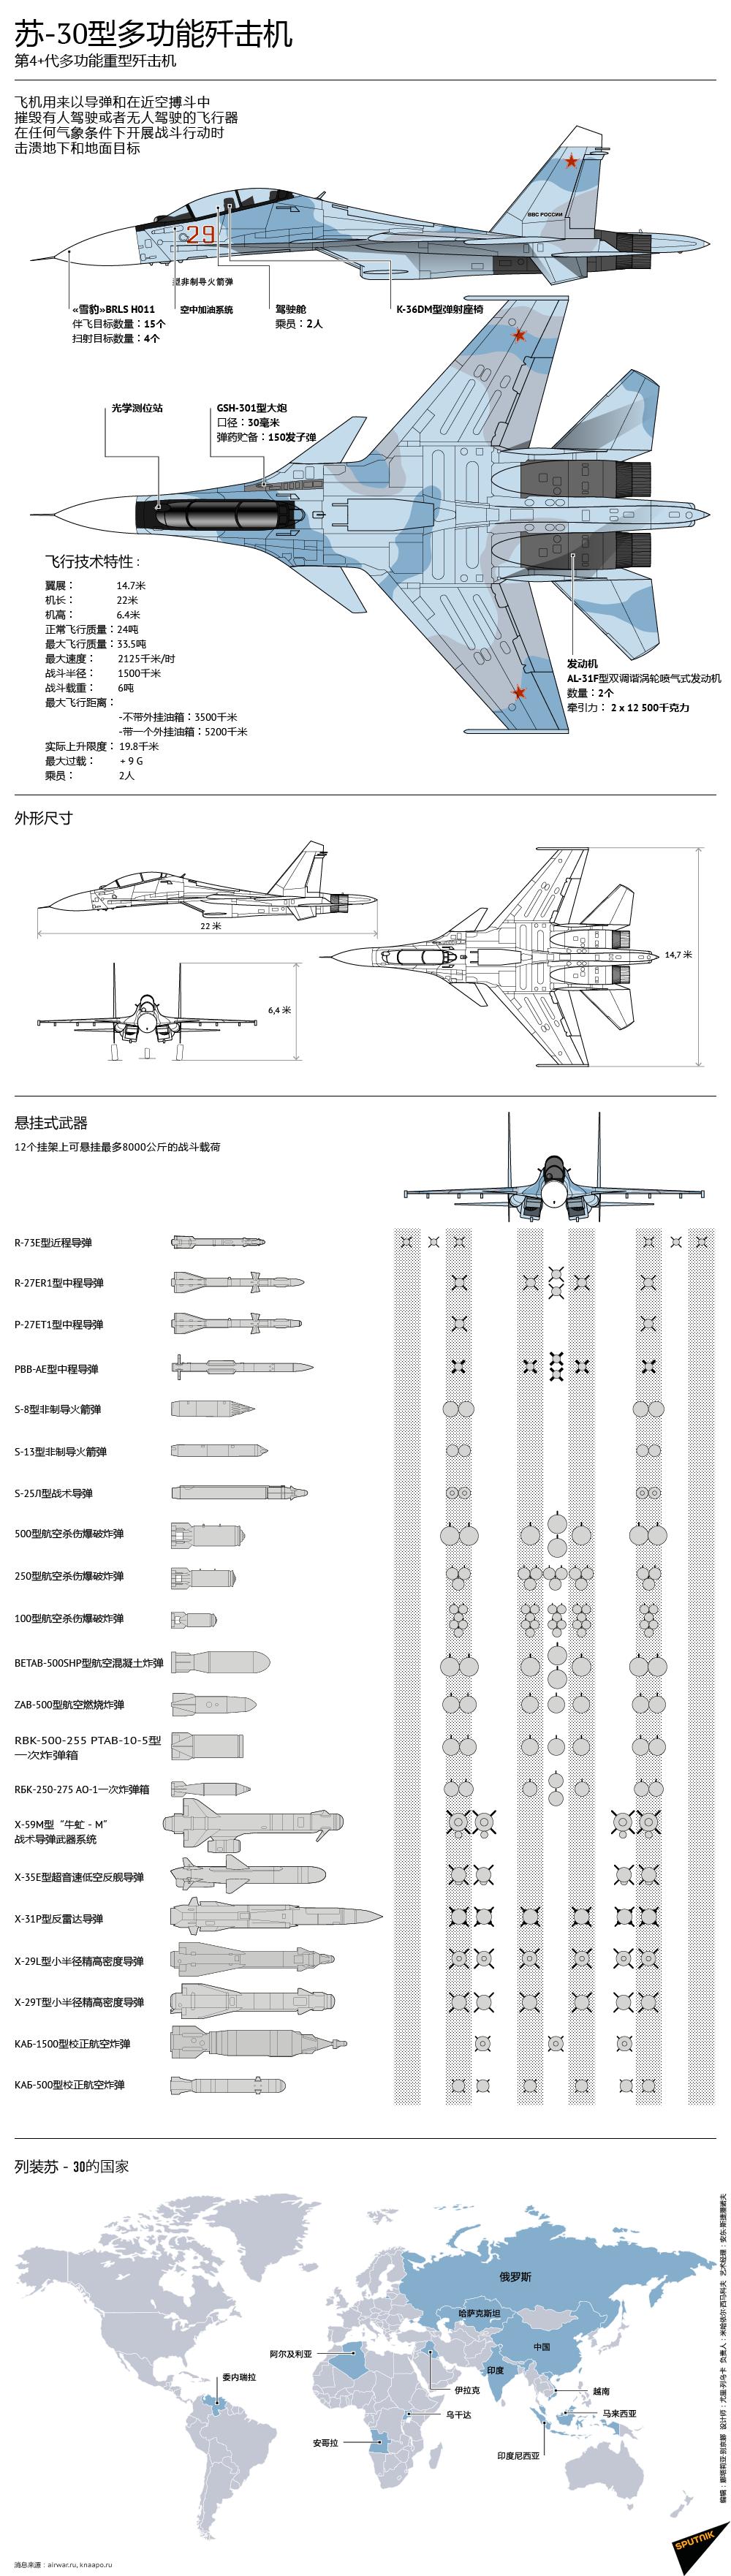 苏-30型多功能歼击机